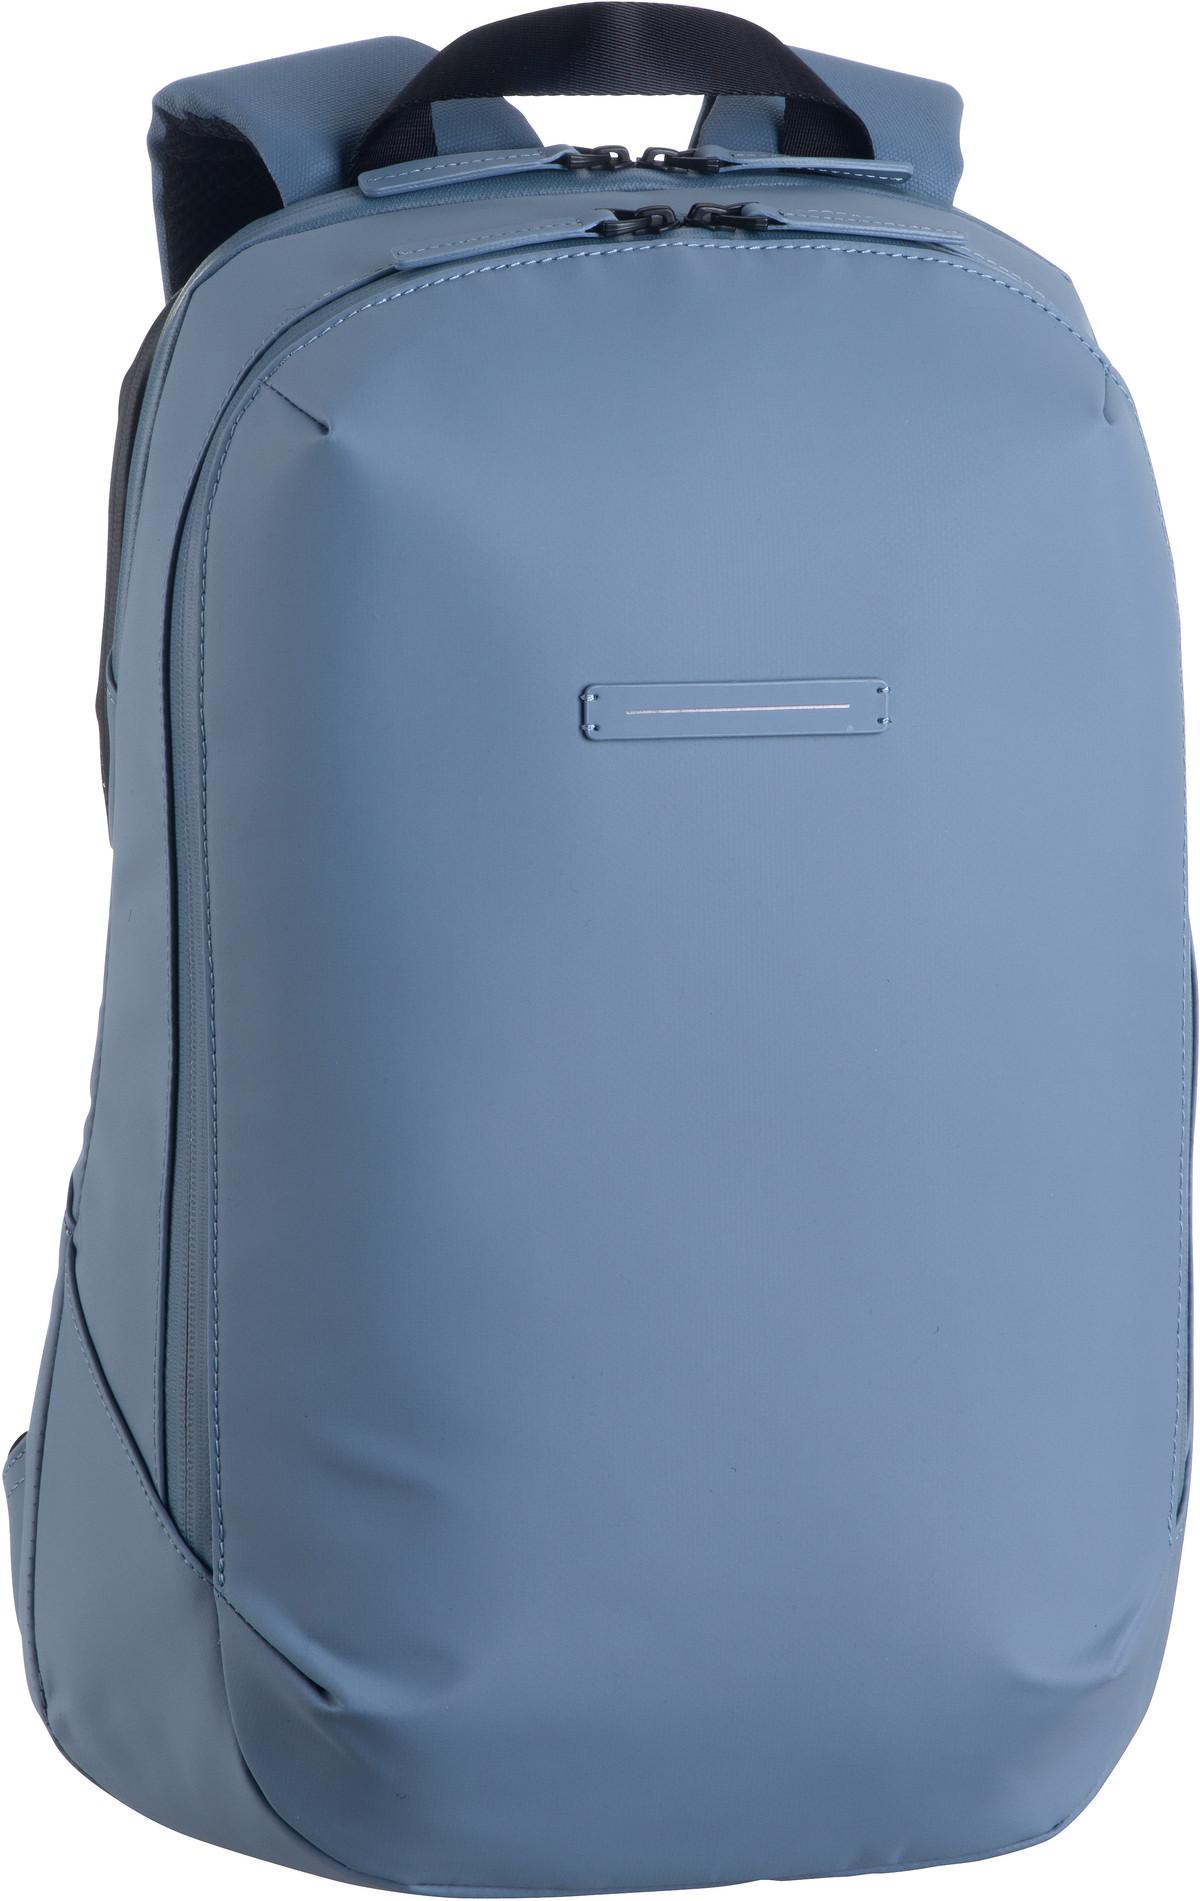 Horizn Studios Rucksack / Daypack Gion Backpack M Blue Vega